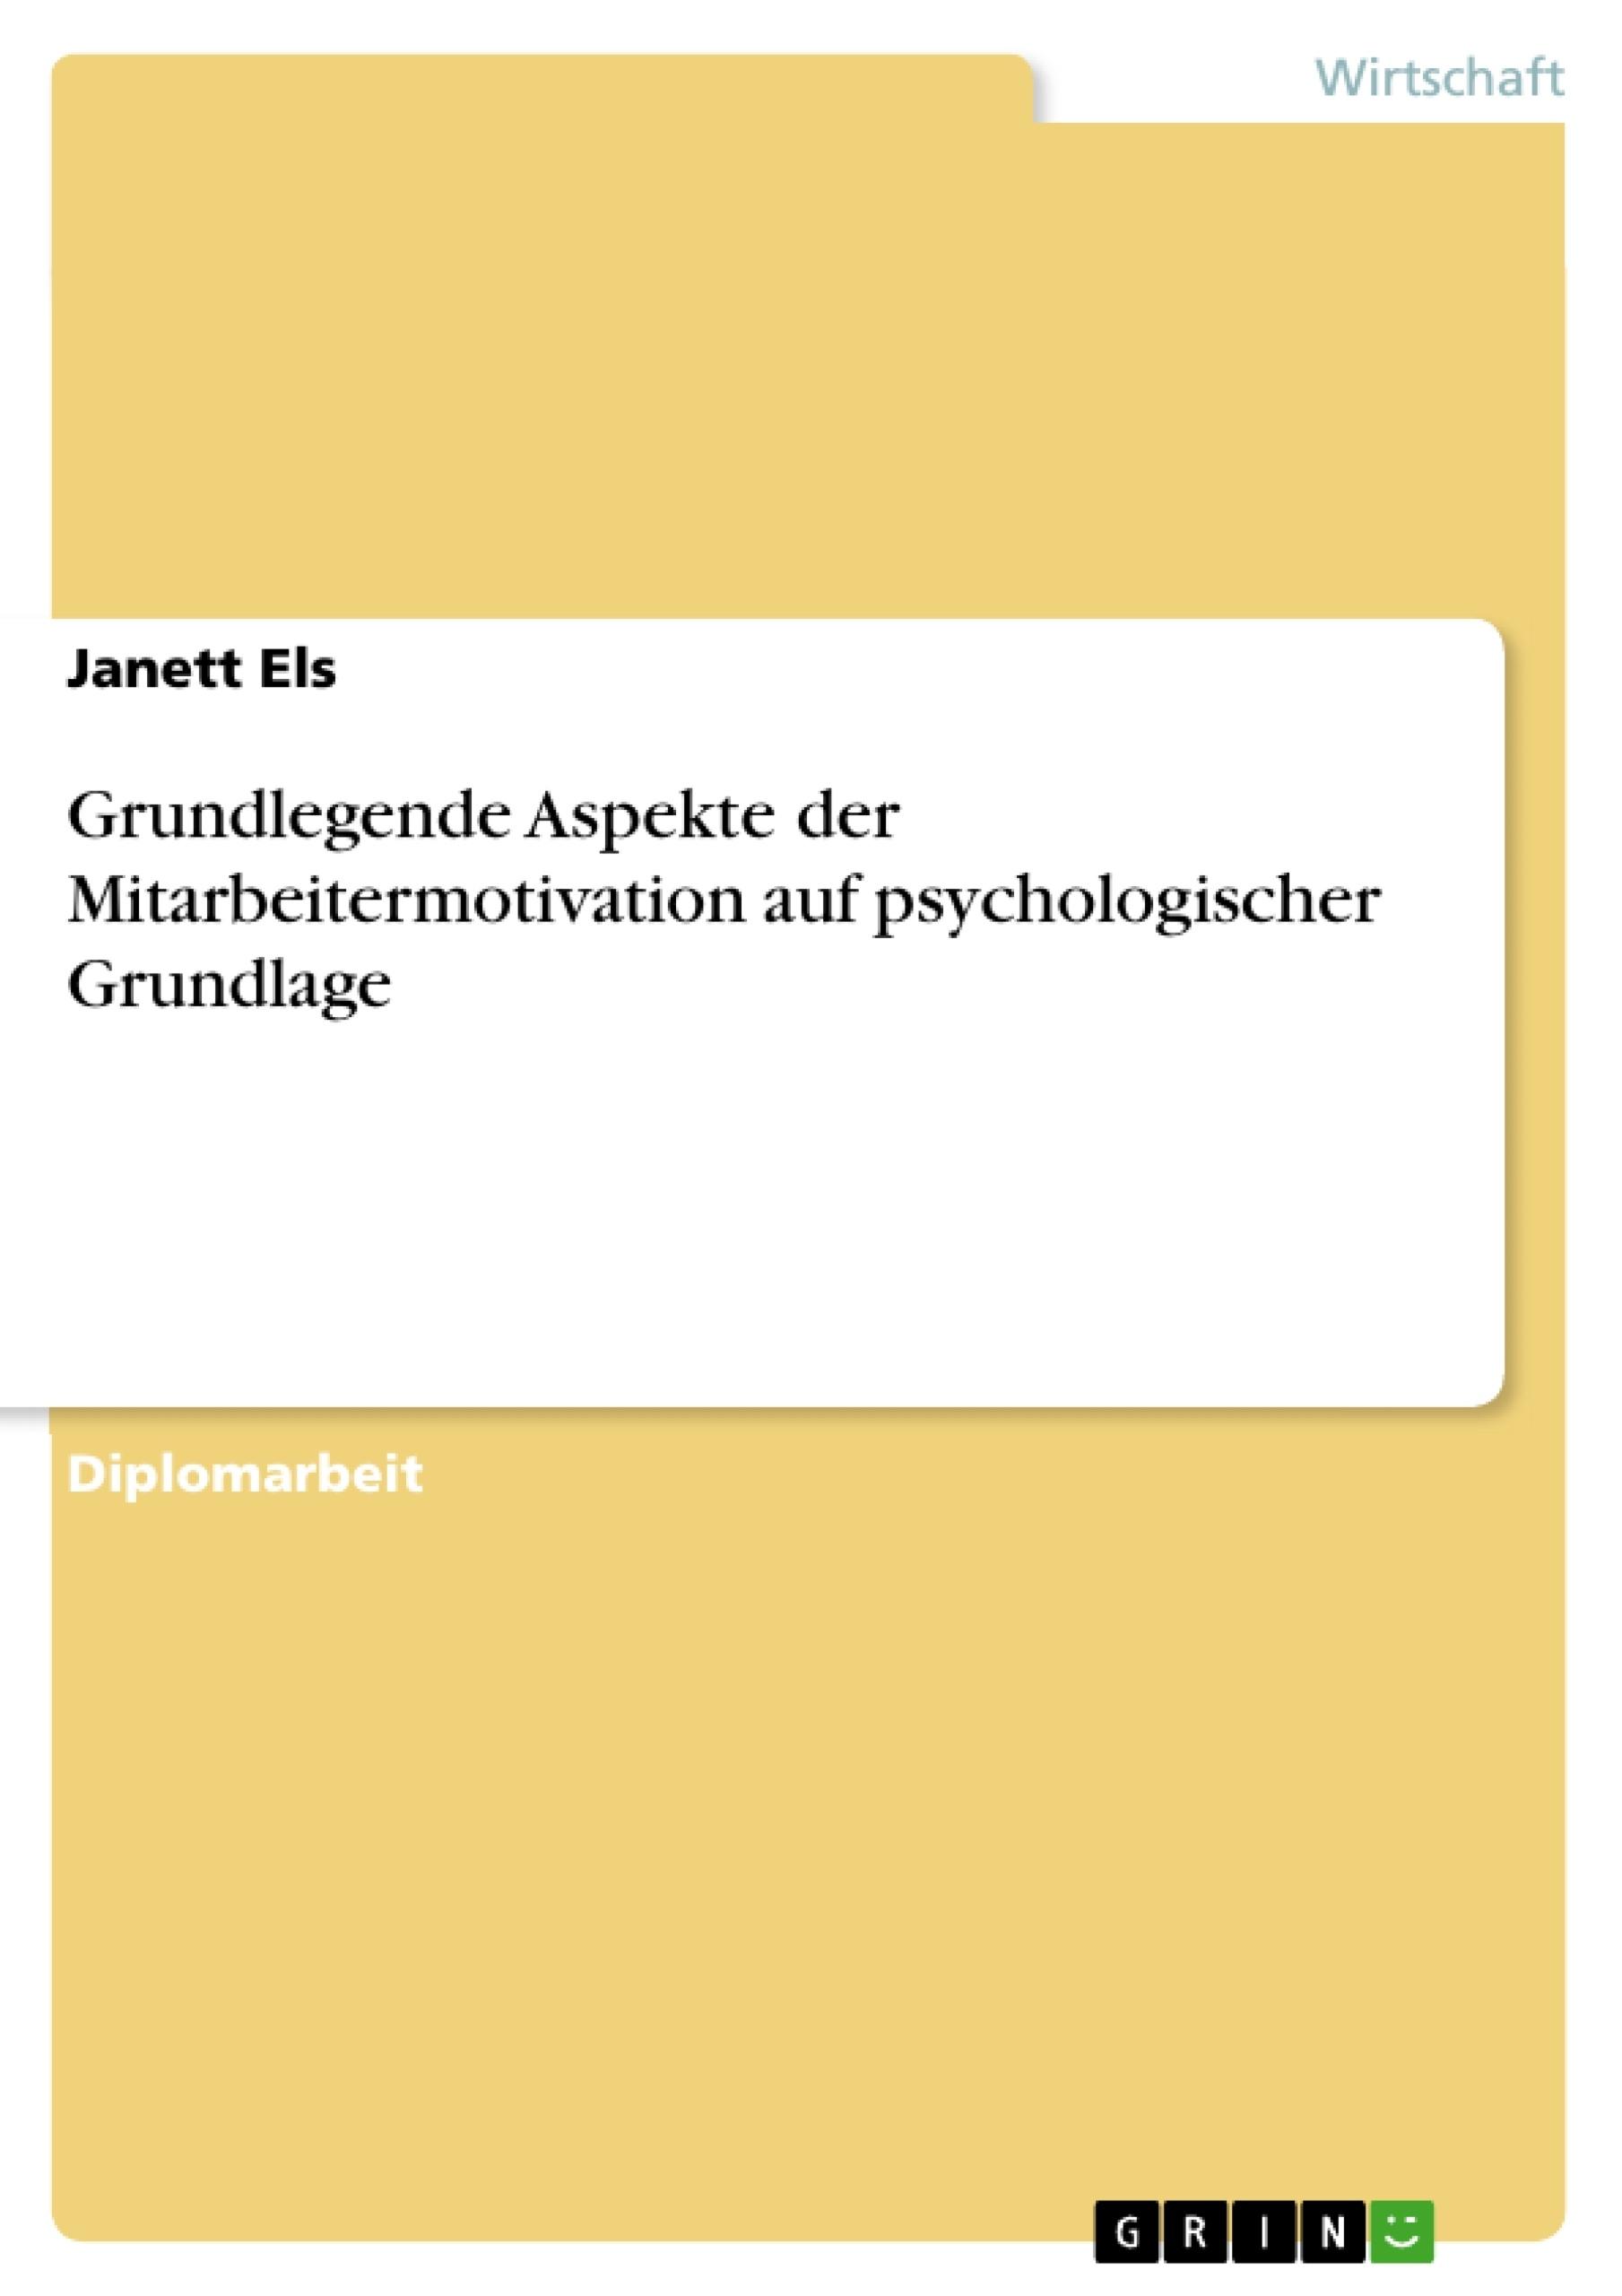 Titel: Grundlegende Aspekte der Mitarbeitermotivation auf psychologischer Grundlage